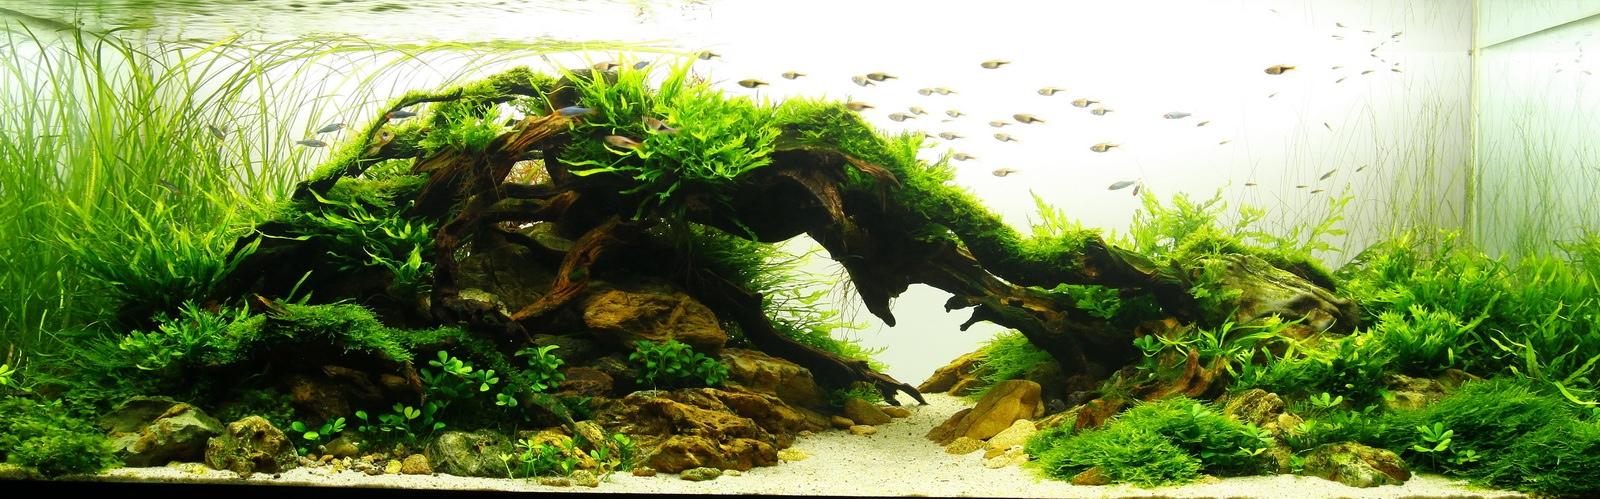 lũa linh sam mang đến vẻ đẹp tự nhiên cho hồ thủy sinh của bạn